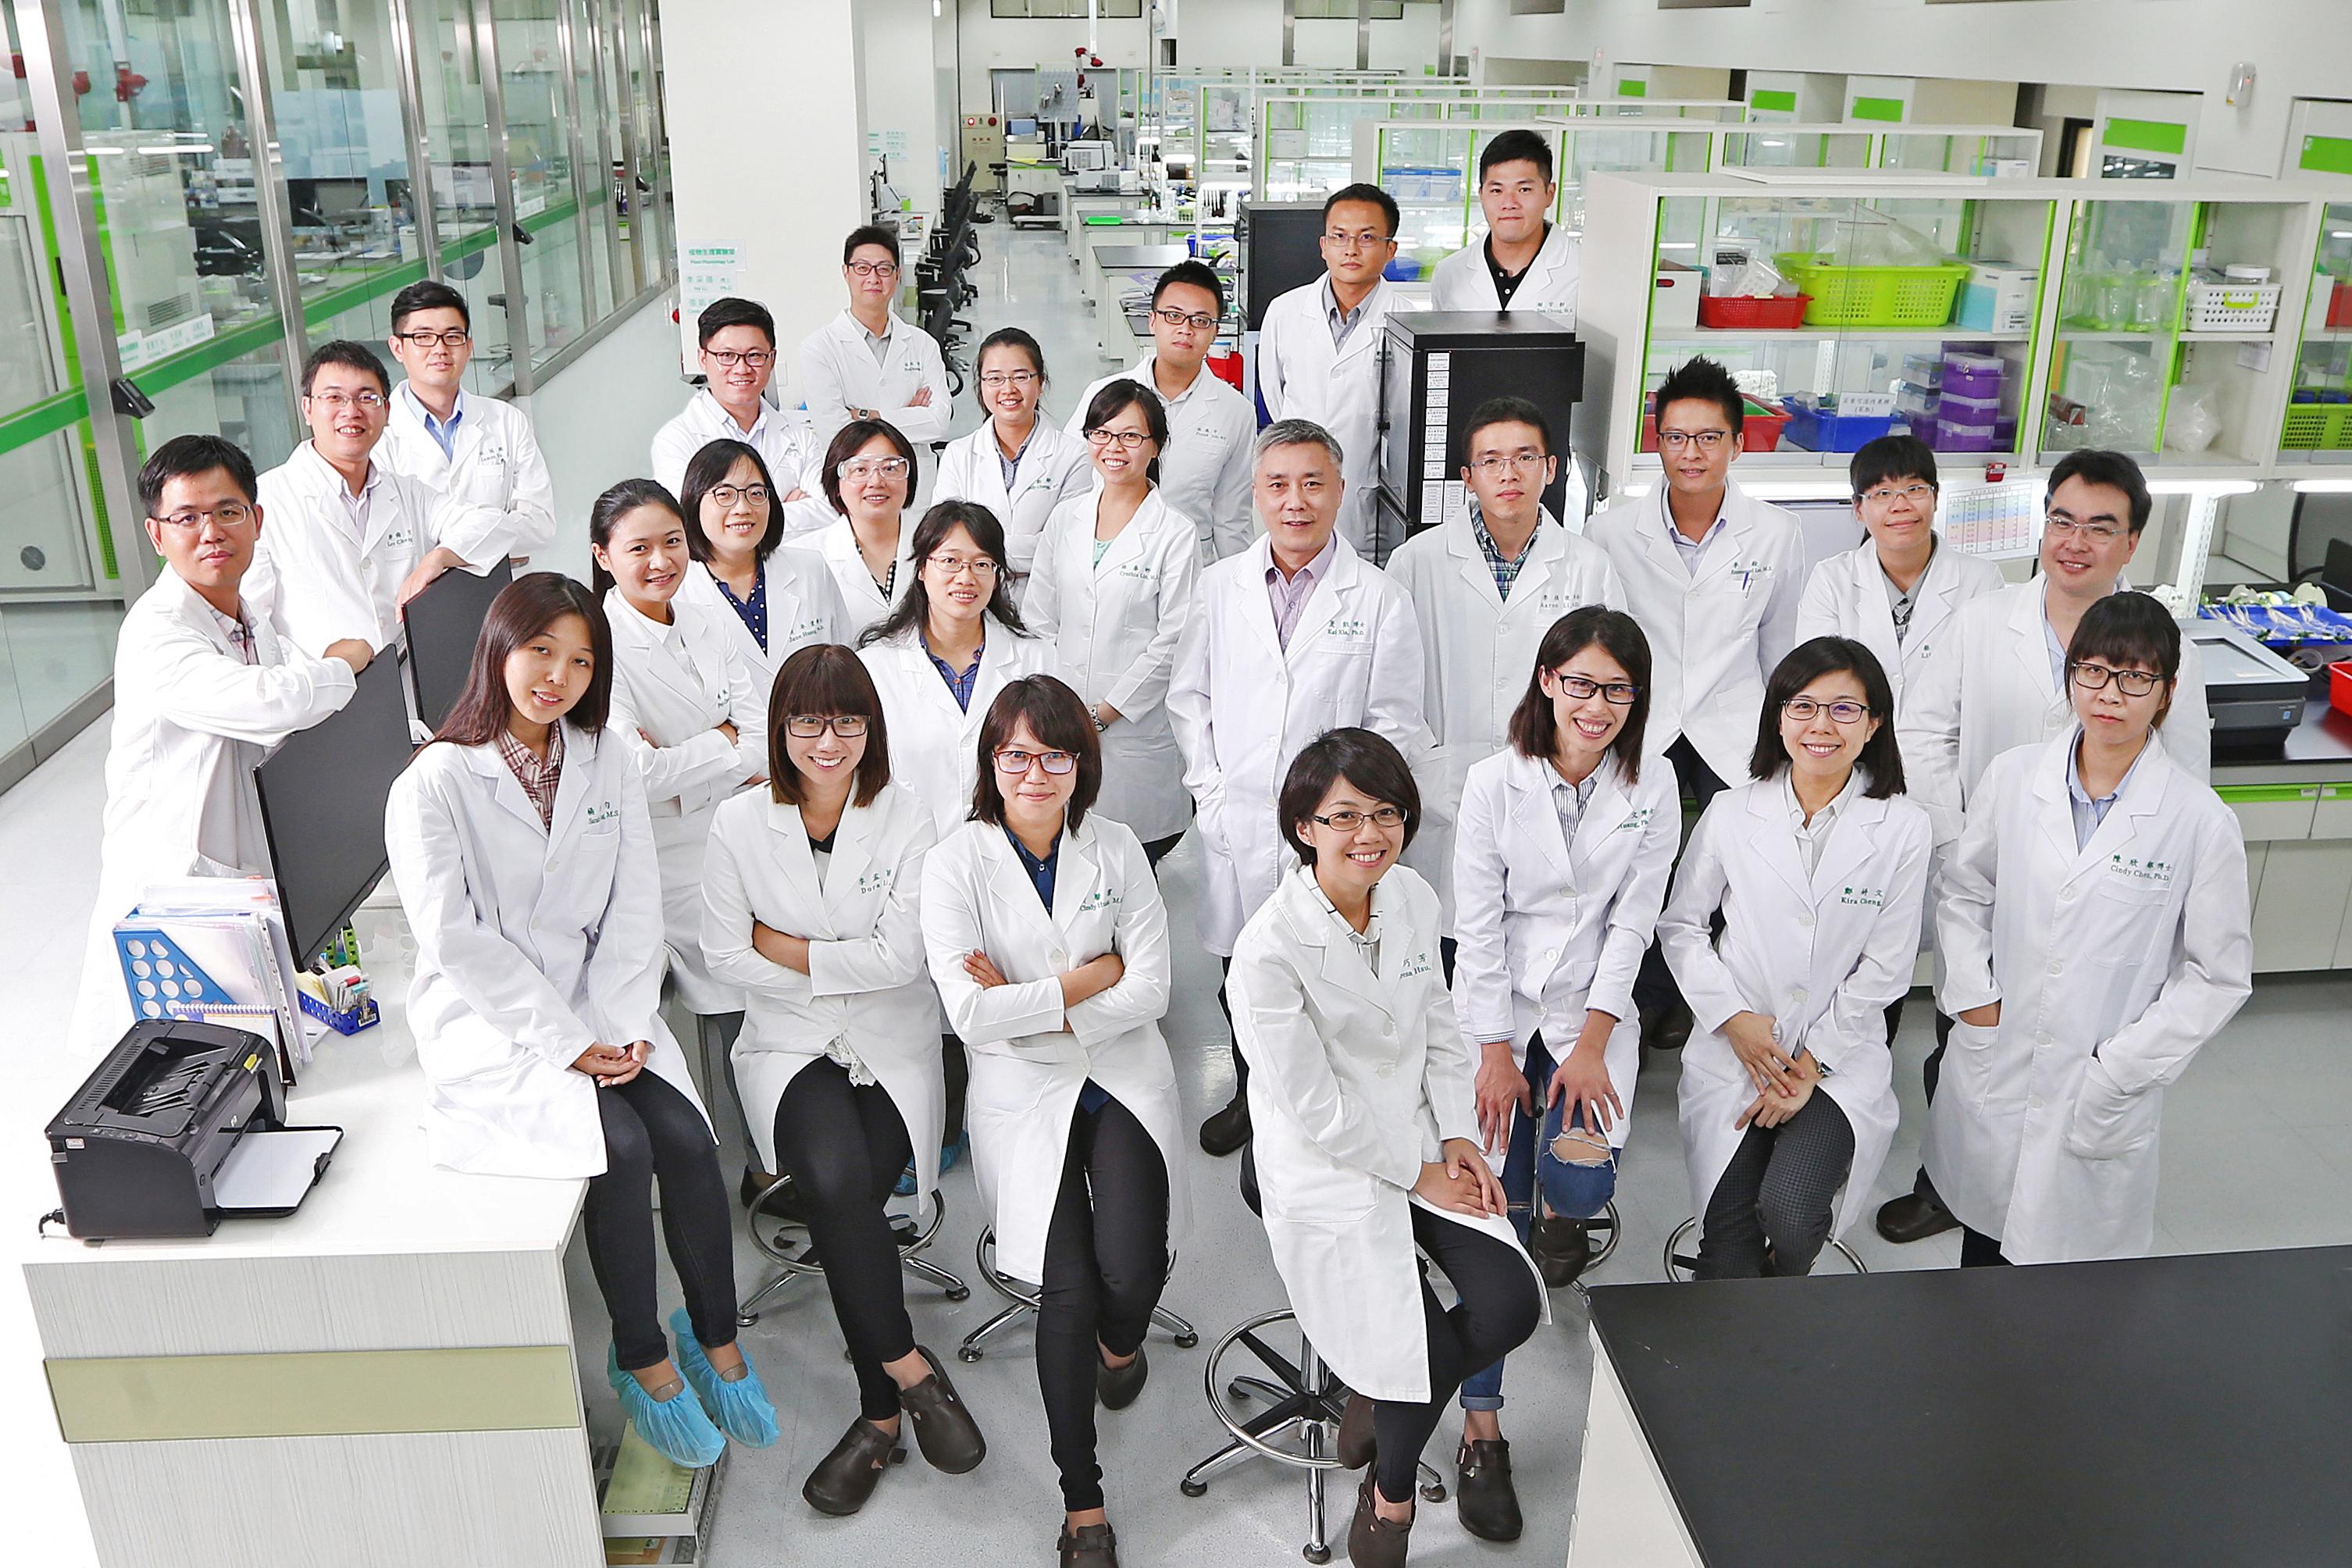 正瀚生技以研發為本位,由台灣碩博士組成的研發團隊,佔全體員工比例近五成,「台灣研發、美國製造、全球行銷」是我們的營運特色